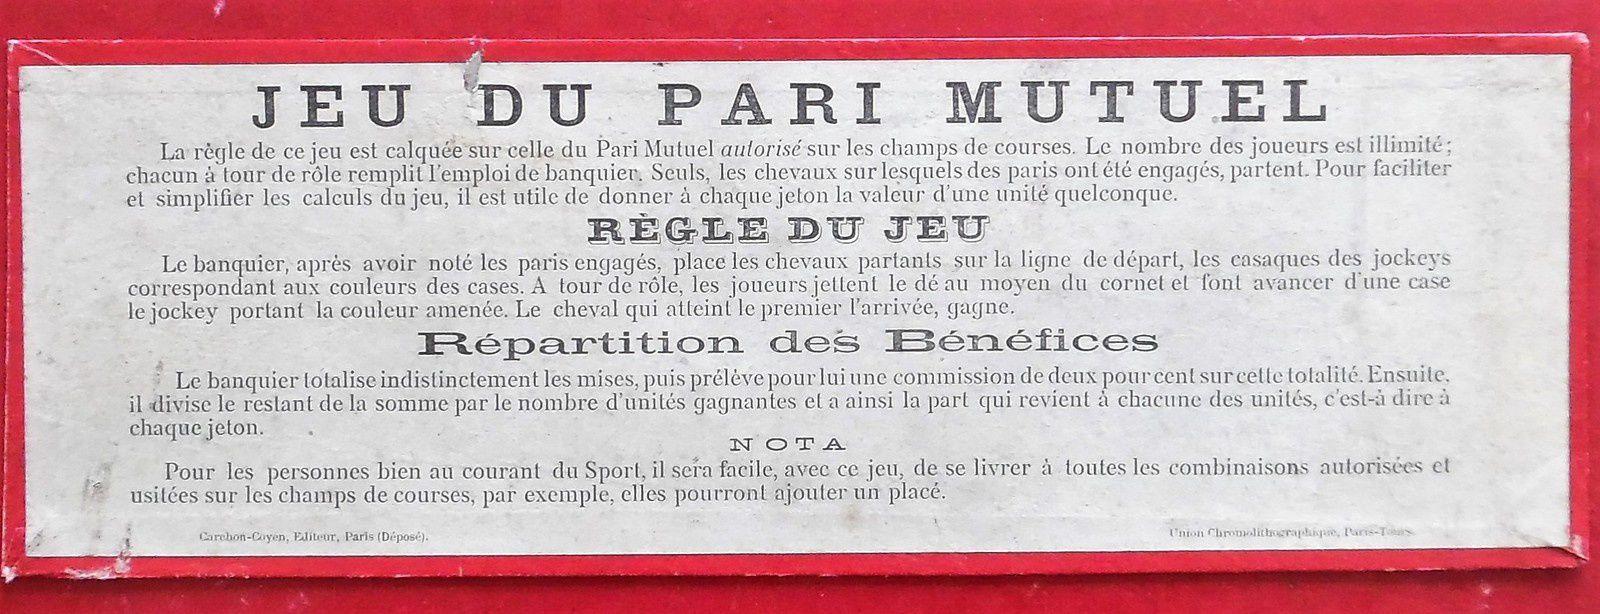 jeu du pari mutuel de Carchon-Coyen vers 1885